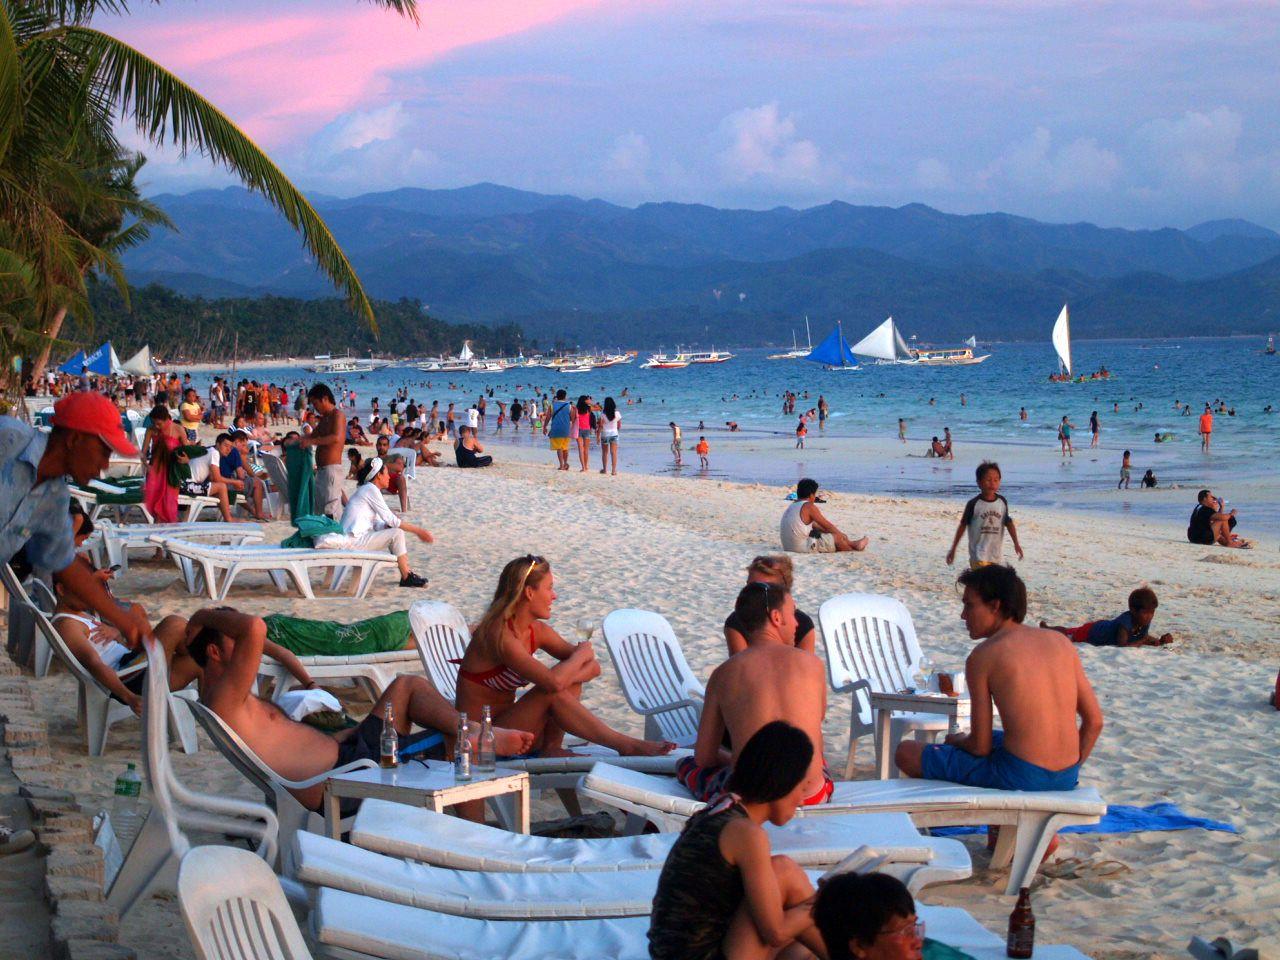 Филиппины - гастрономический туризм